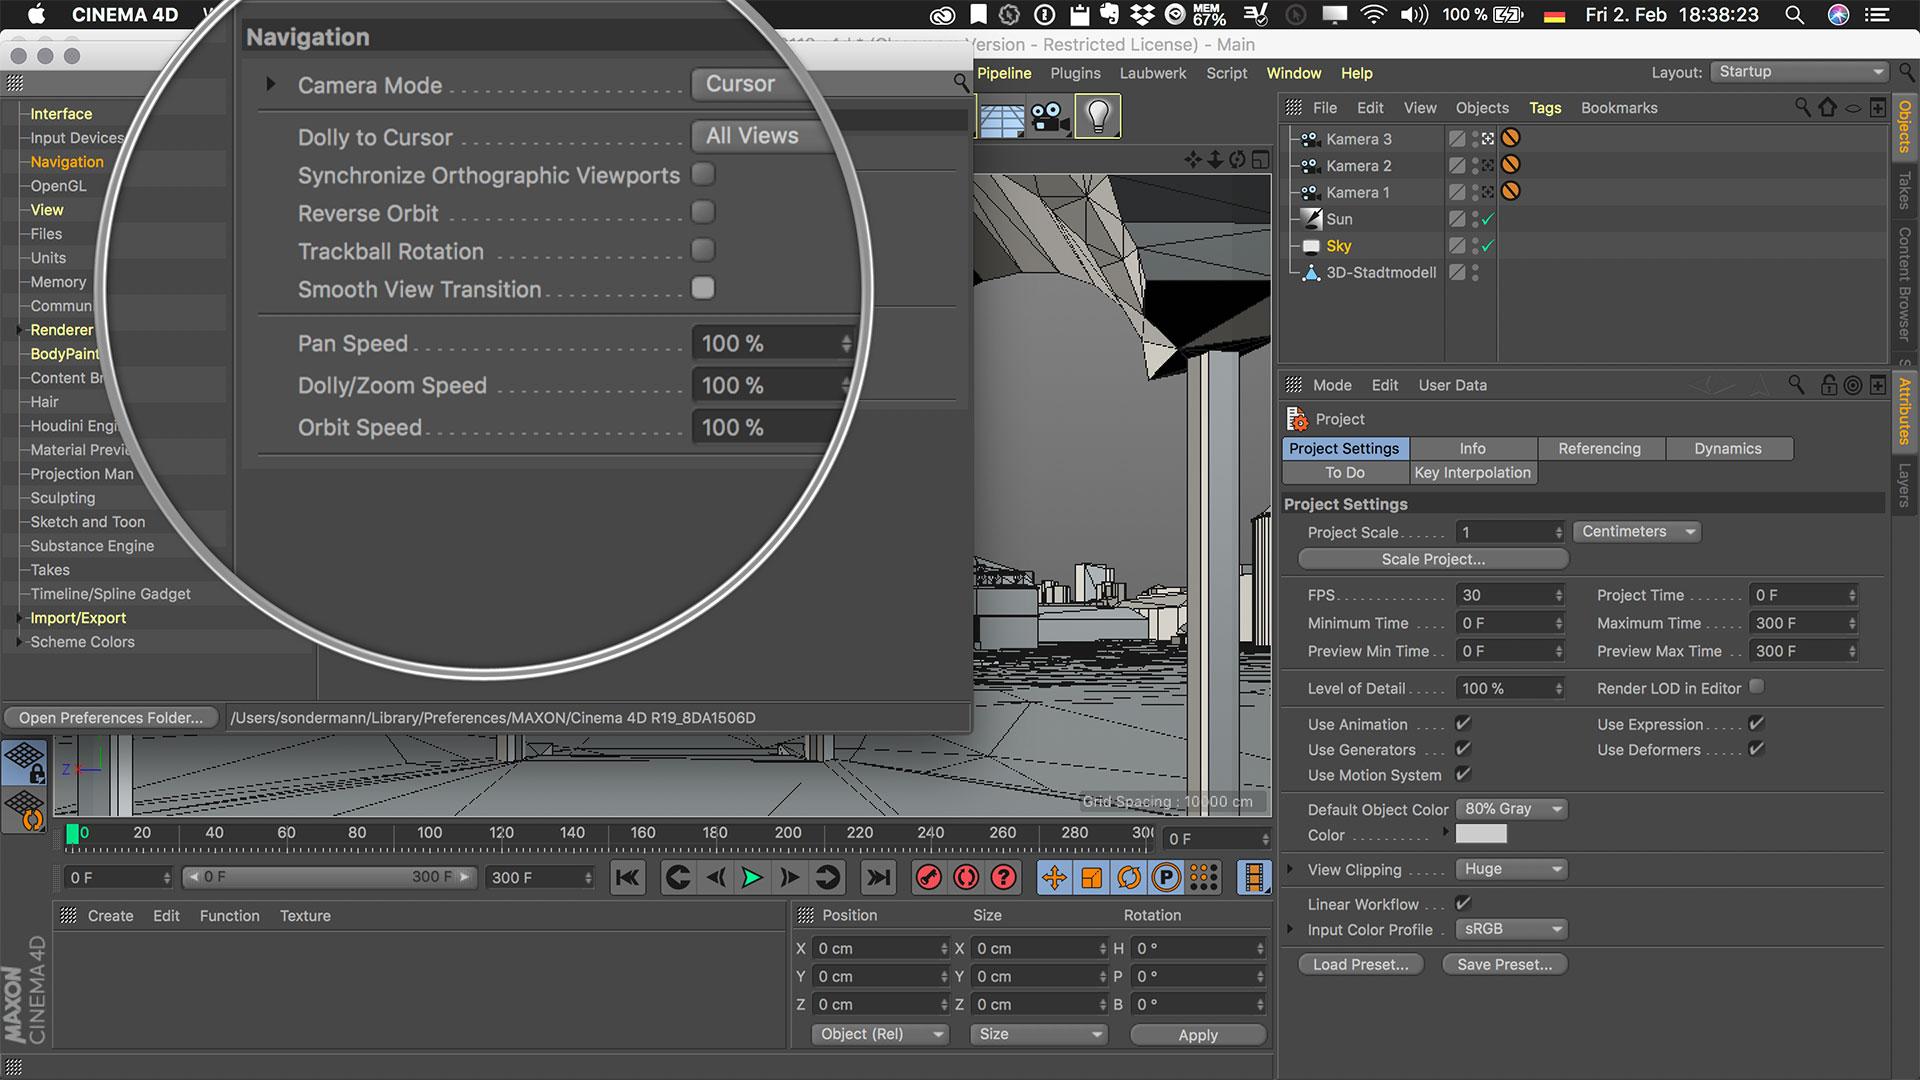 Cinema4D 3D-Stadtmodell Preferences Voreinstellungen Navigation Smooth View Transition Fließende Ansichtsänderung